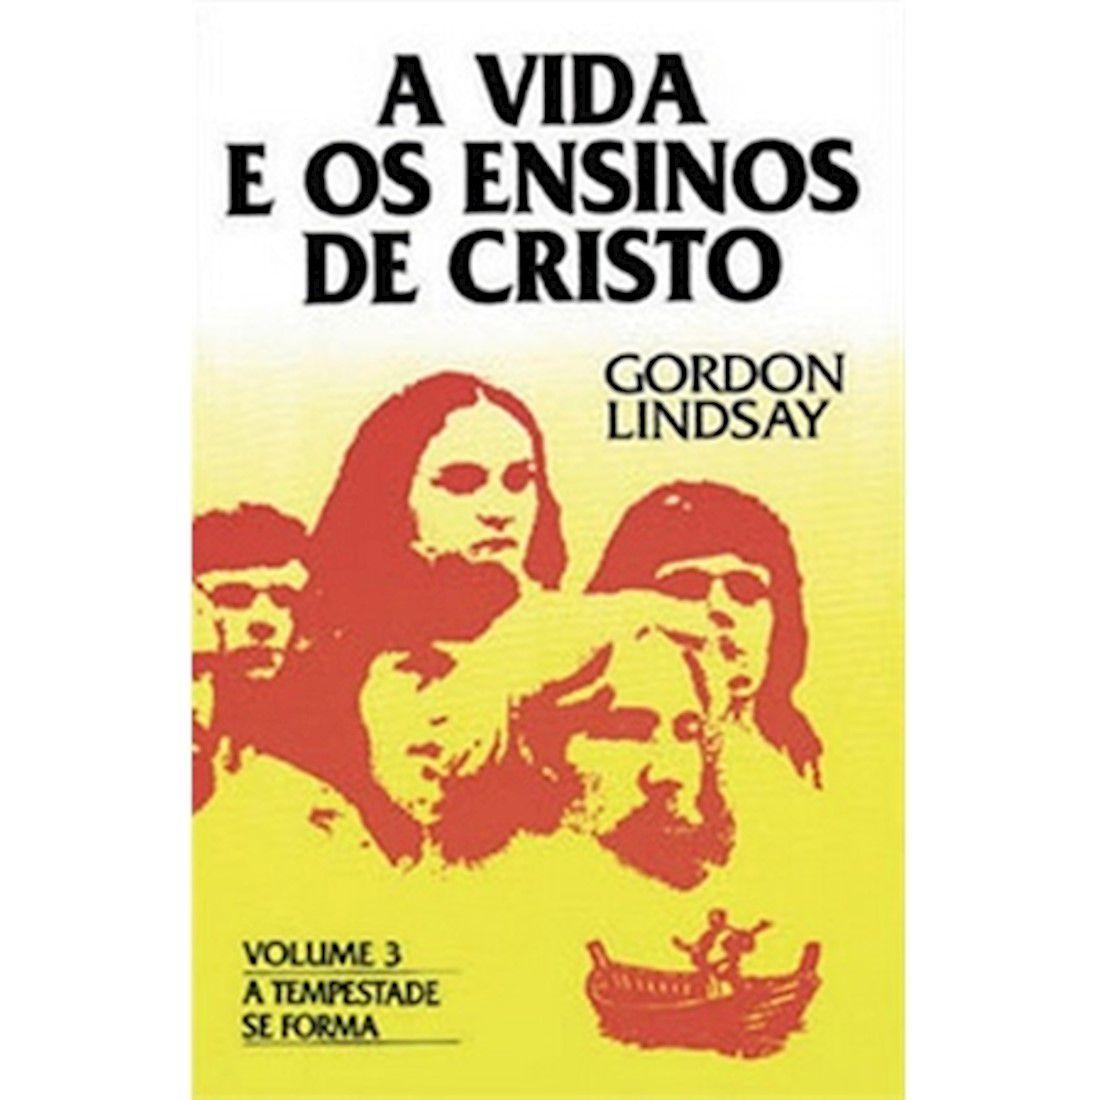 Livro A Vida e os Ensinos de Cristo - Vol. 3